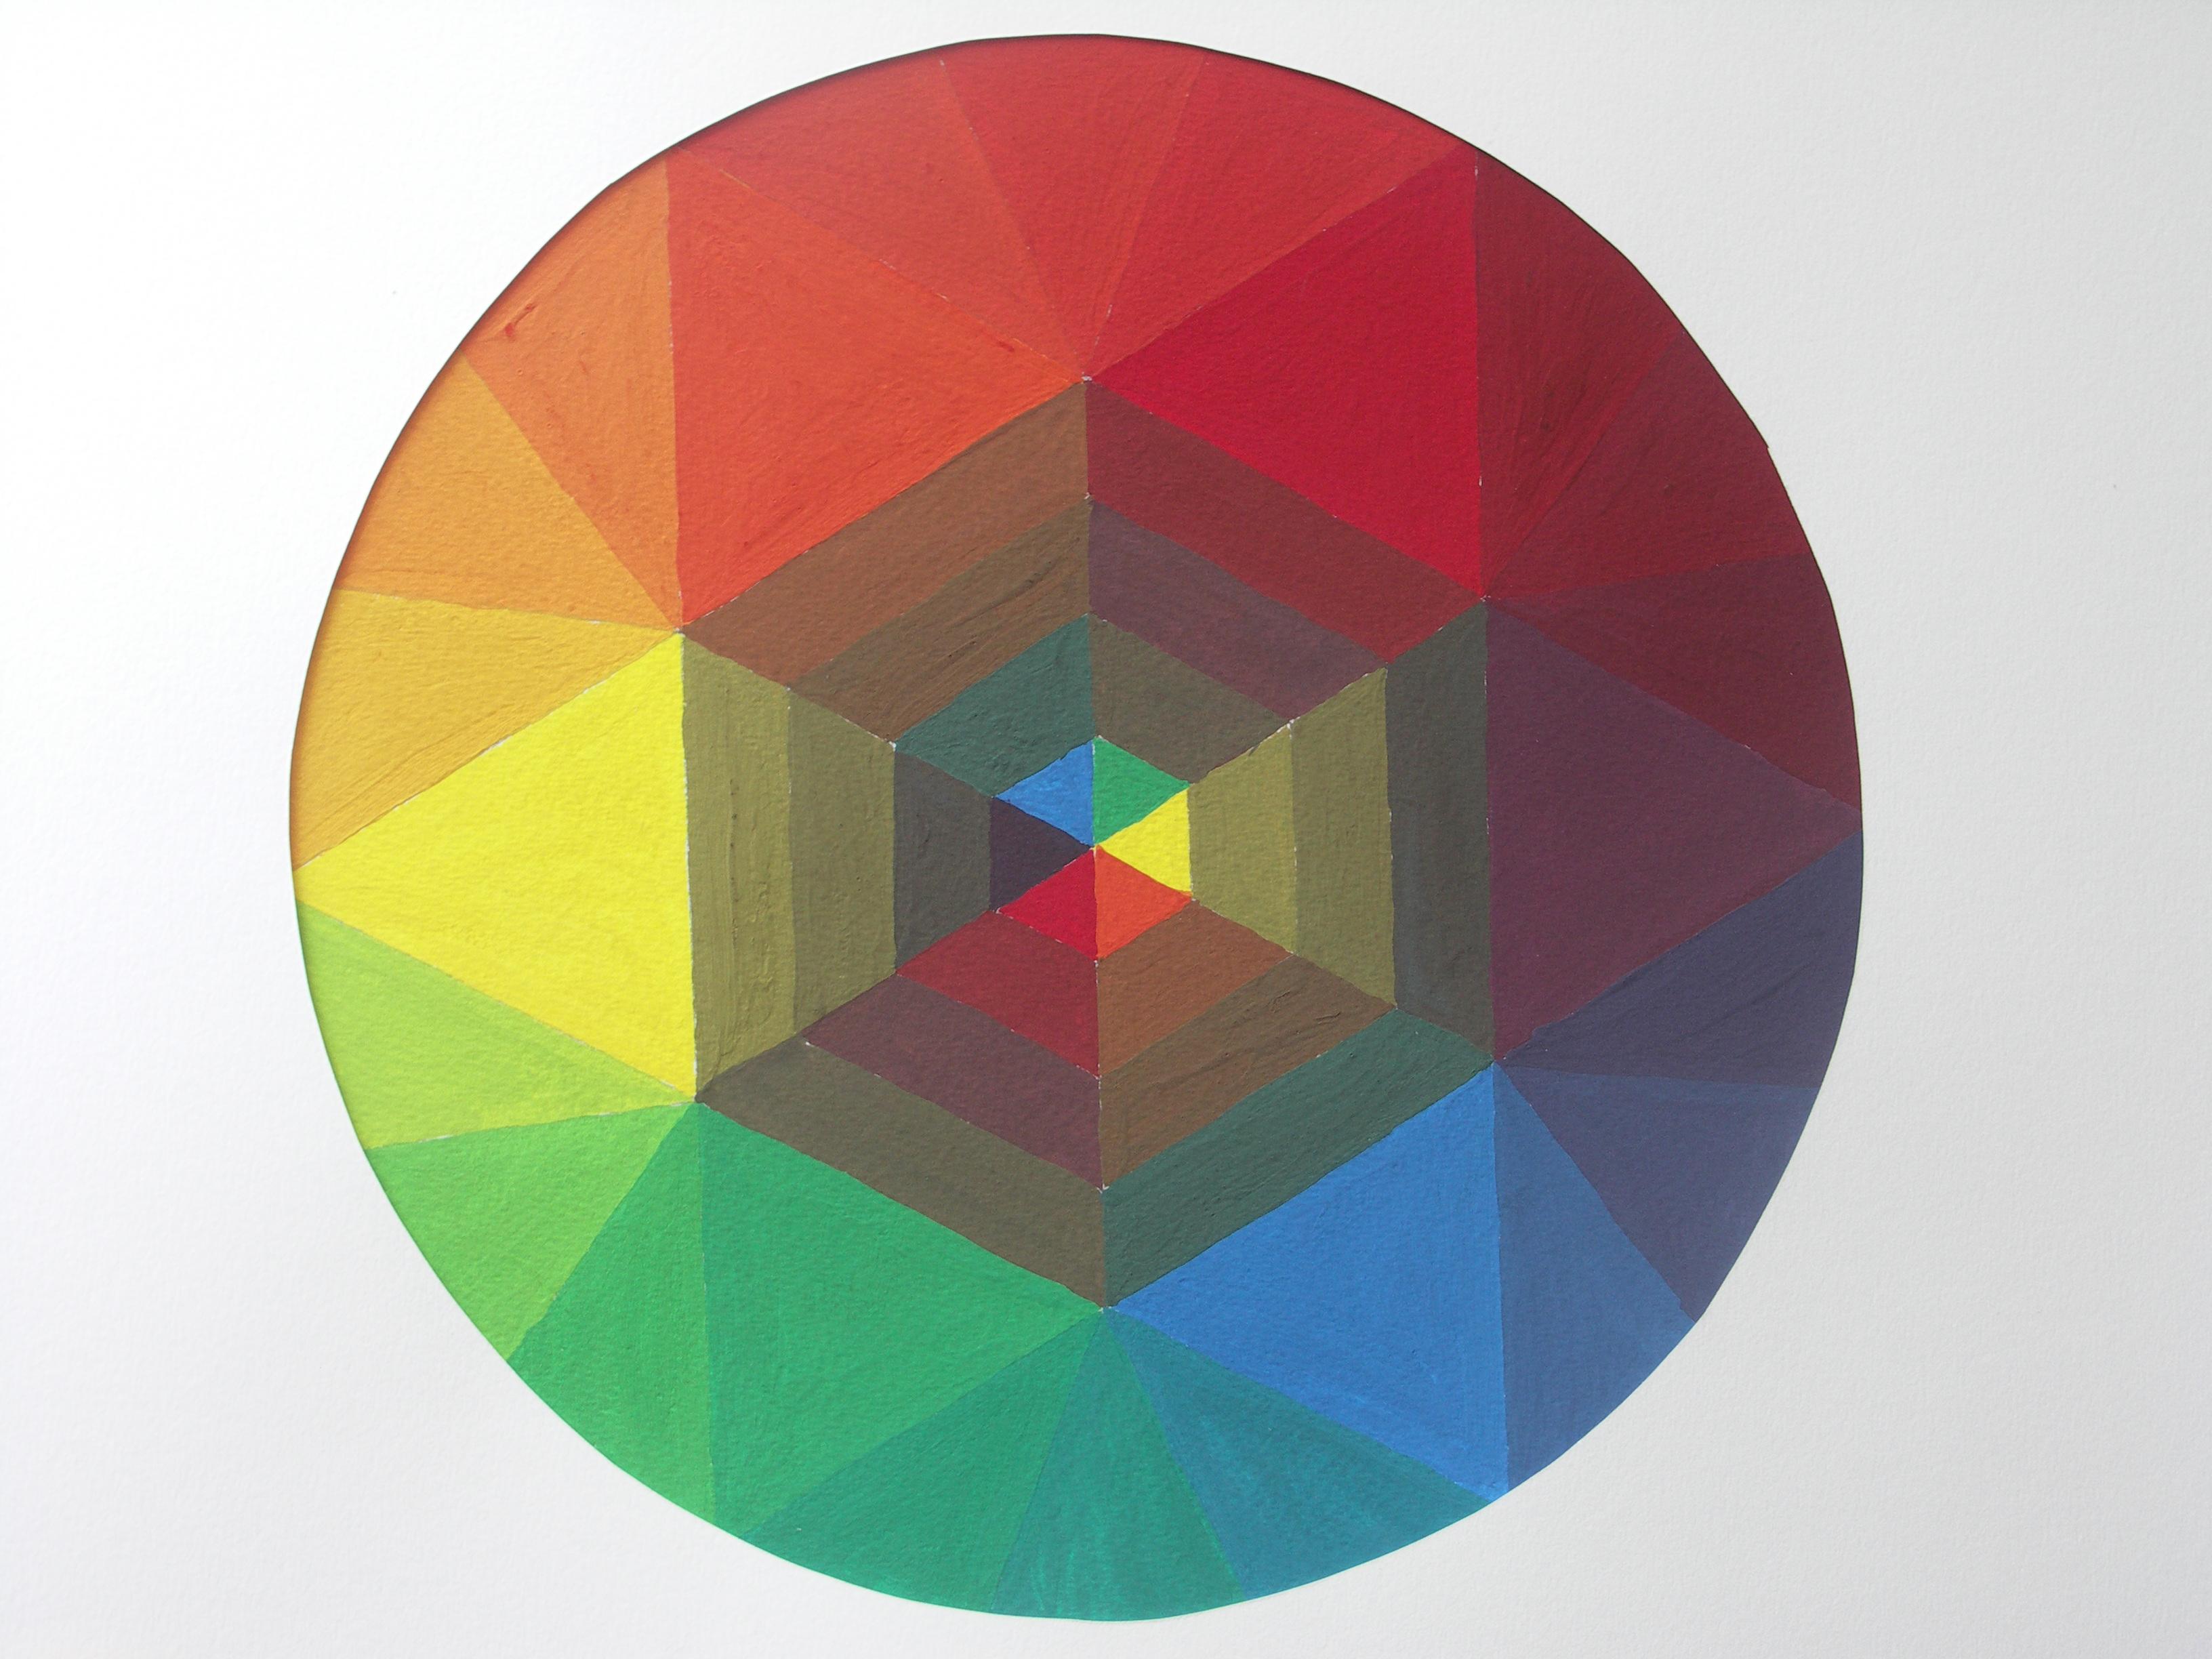 cercle chromatique